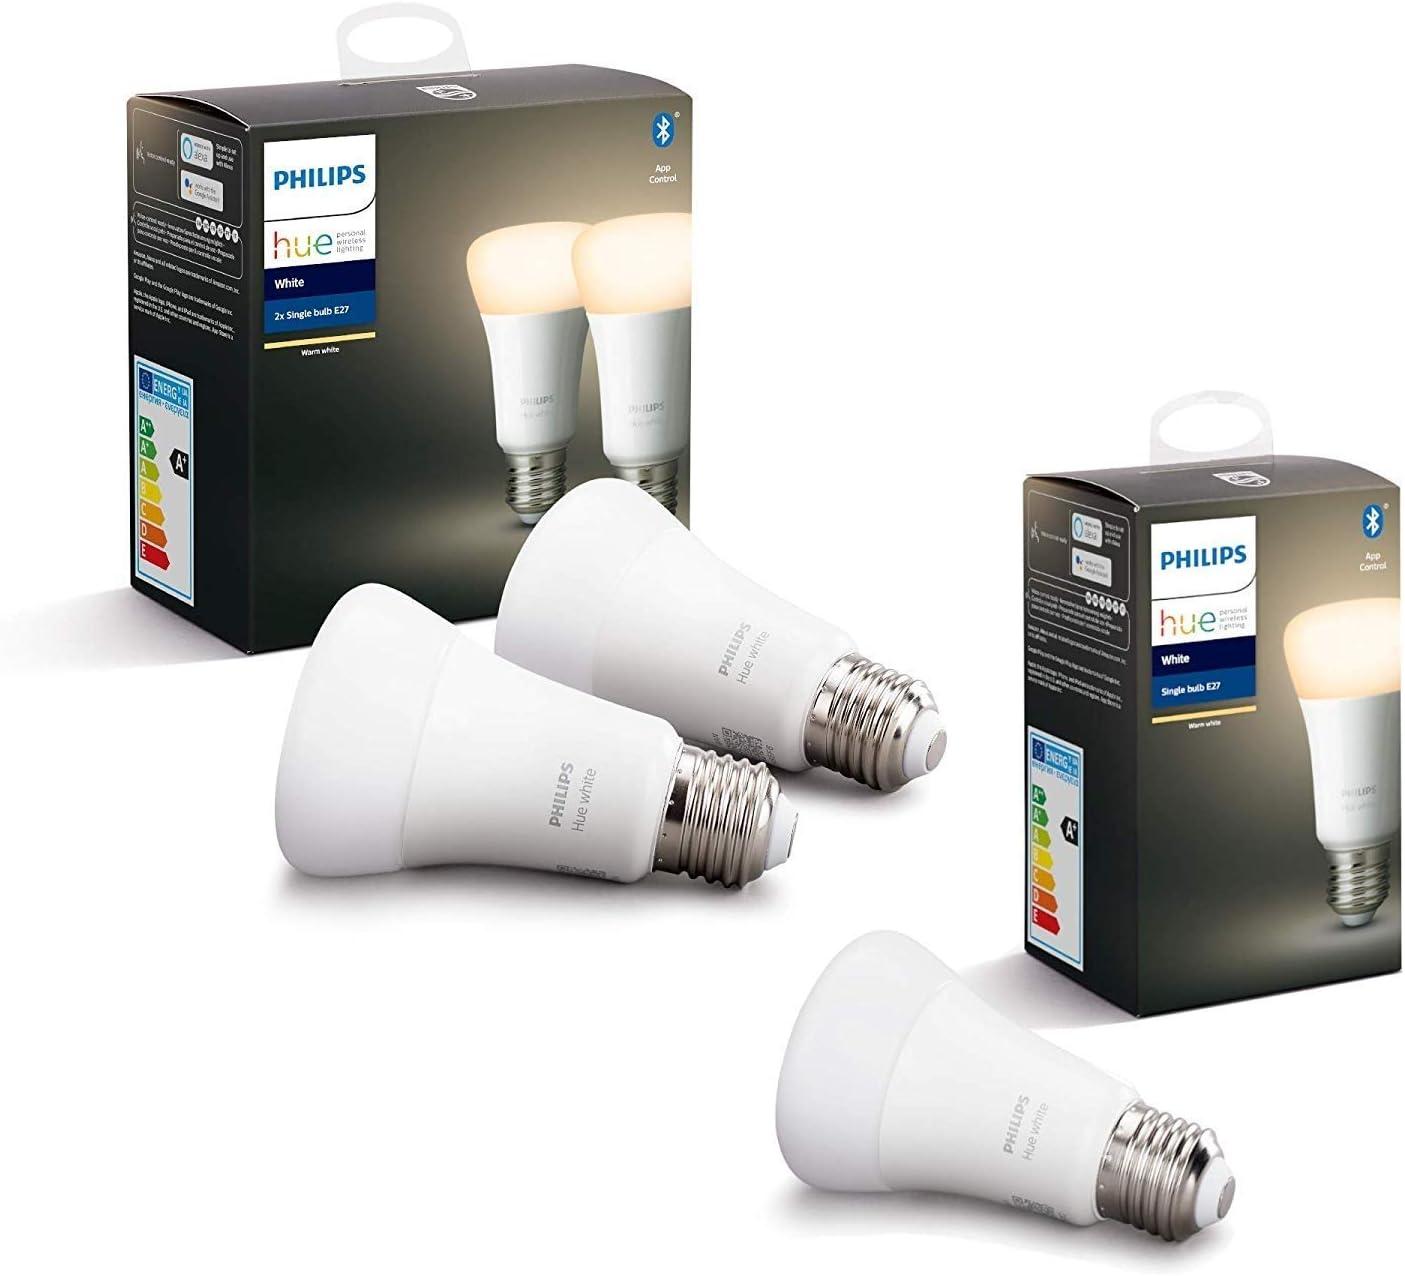 Philips Hue 3 Ampoules LED Connectées White E27 Compatible Bluetooth, Compatible avec...